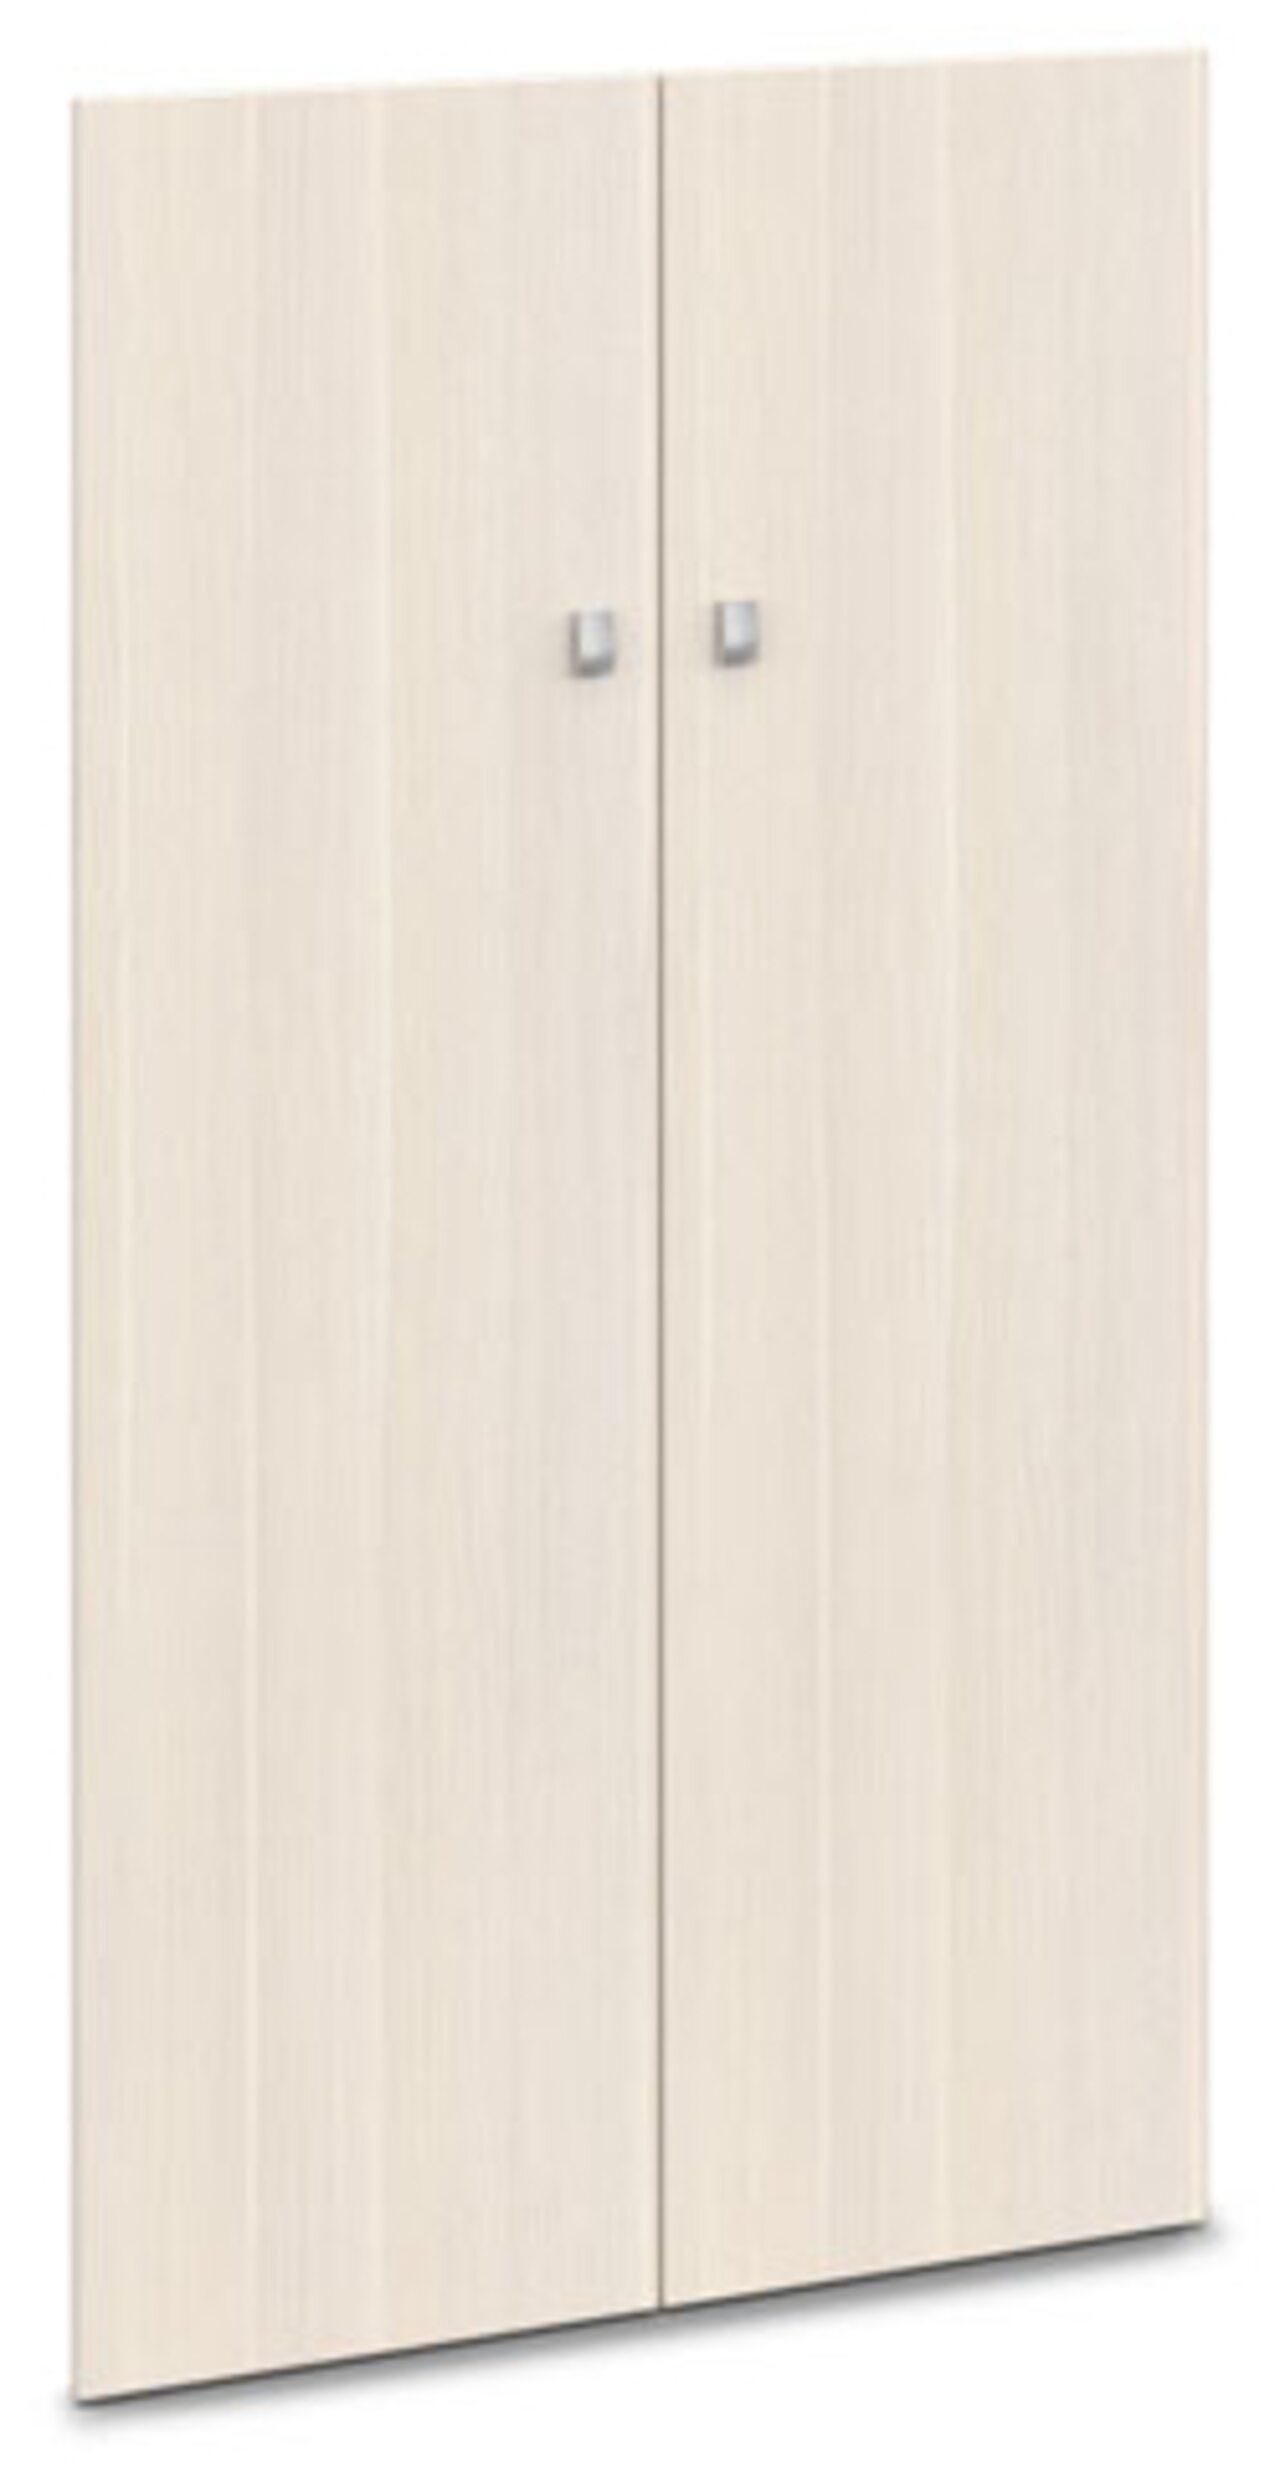 Двери ЛДСП  Vasanta 81x2x141 - фото 5